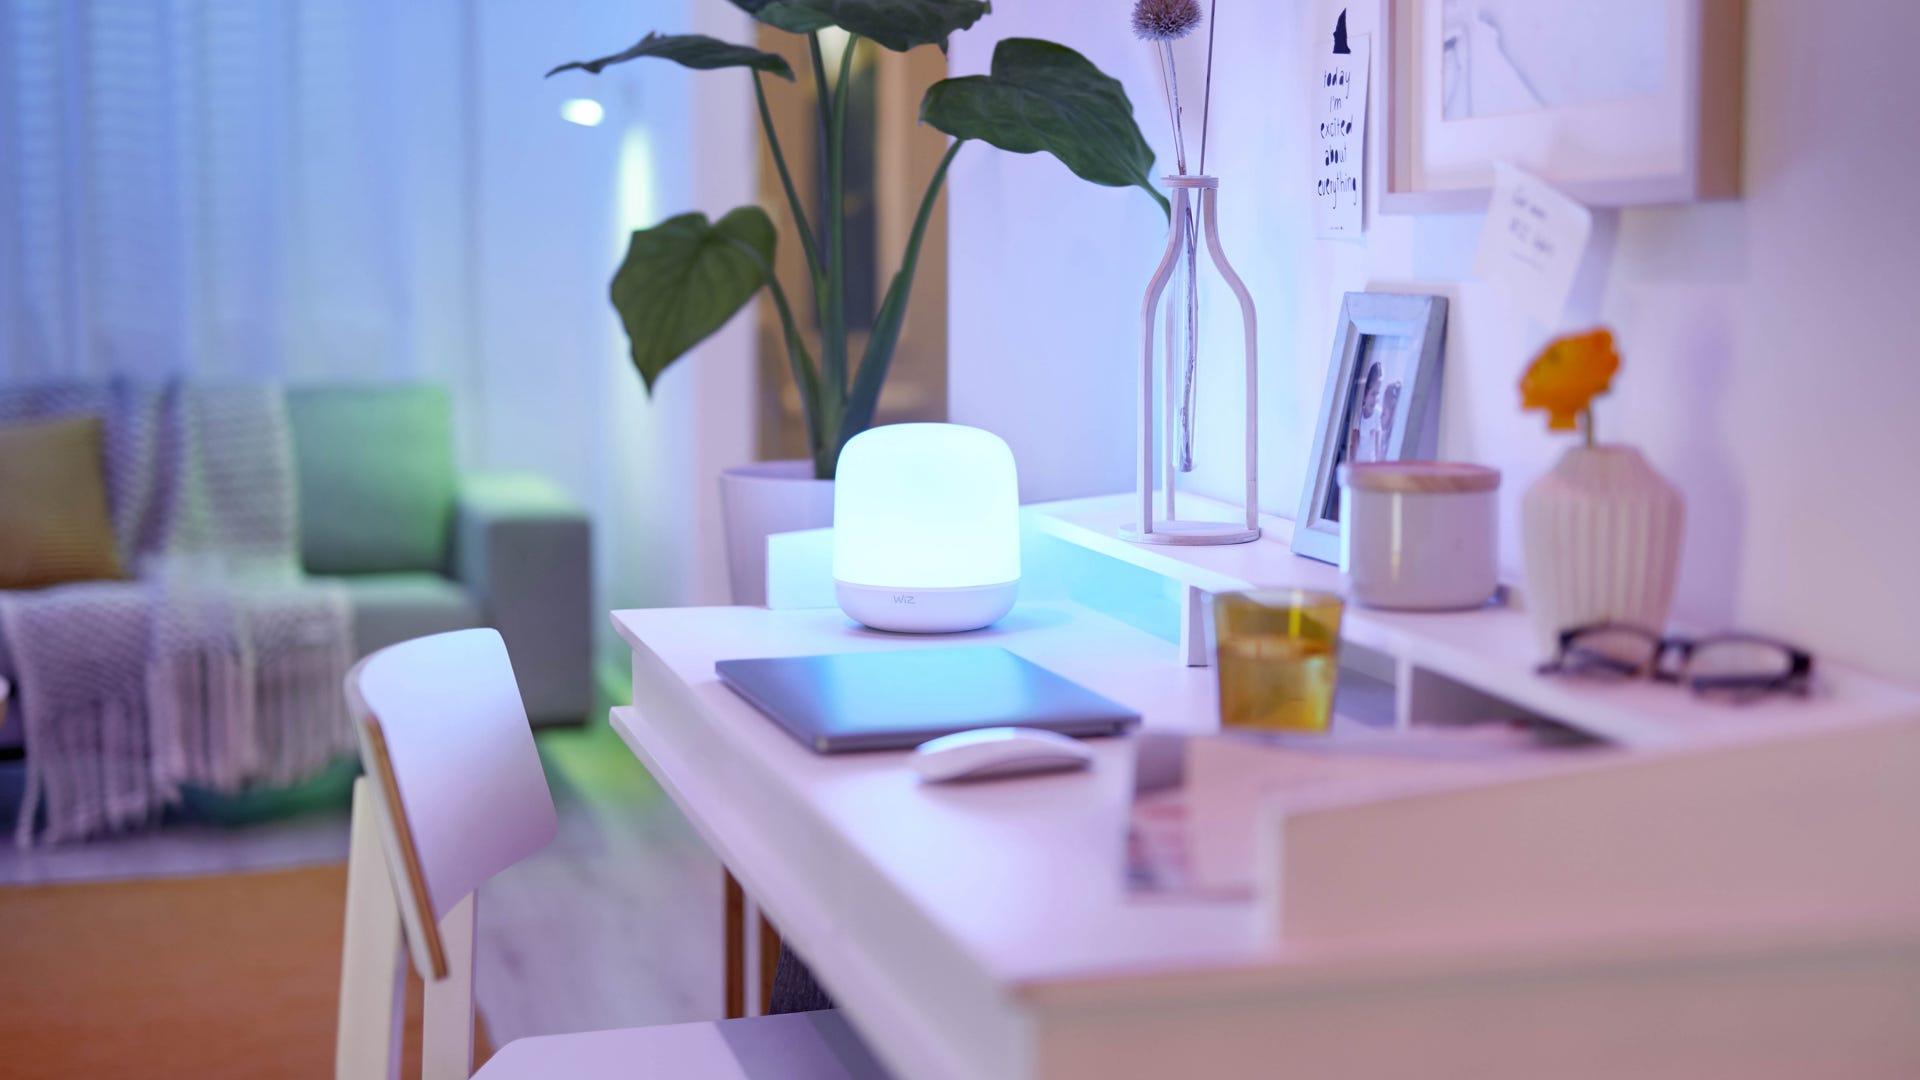 WiZ Hero Smart Lamp